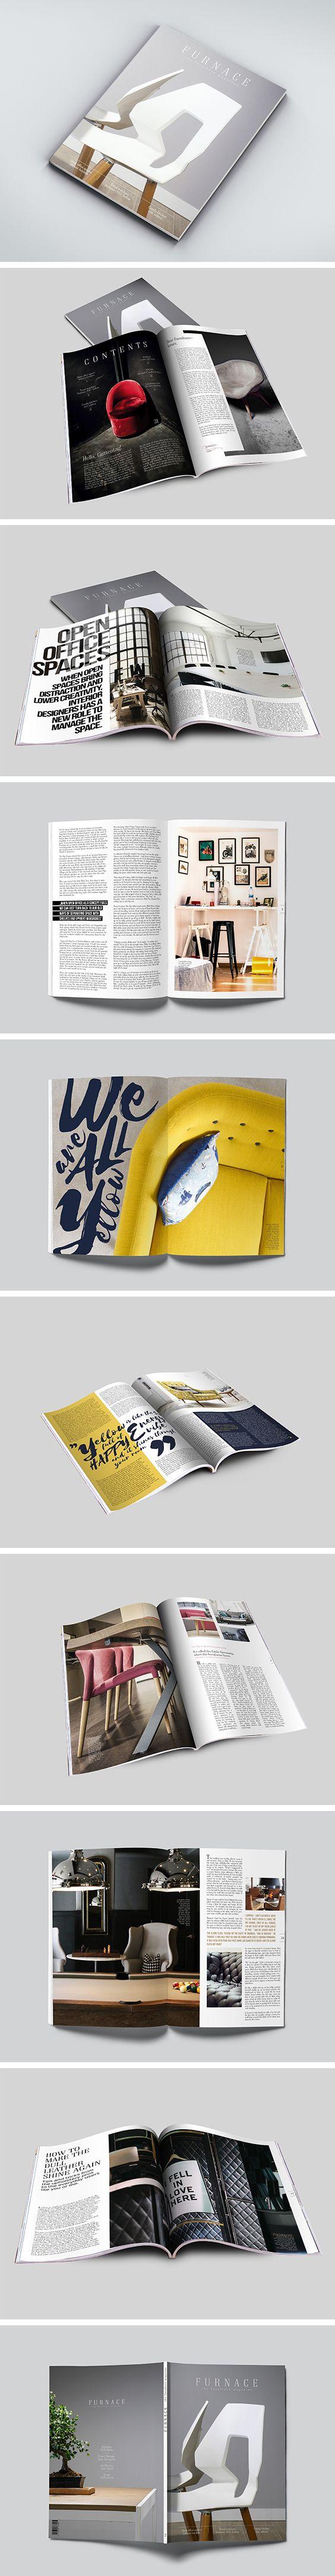 FURNACE: the furniture magazine - Layout Design by ZIIJN https://ziijn.myportfolio.com